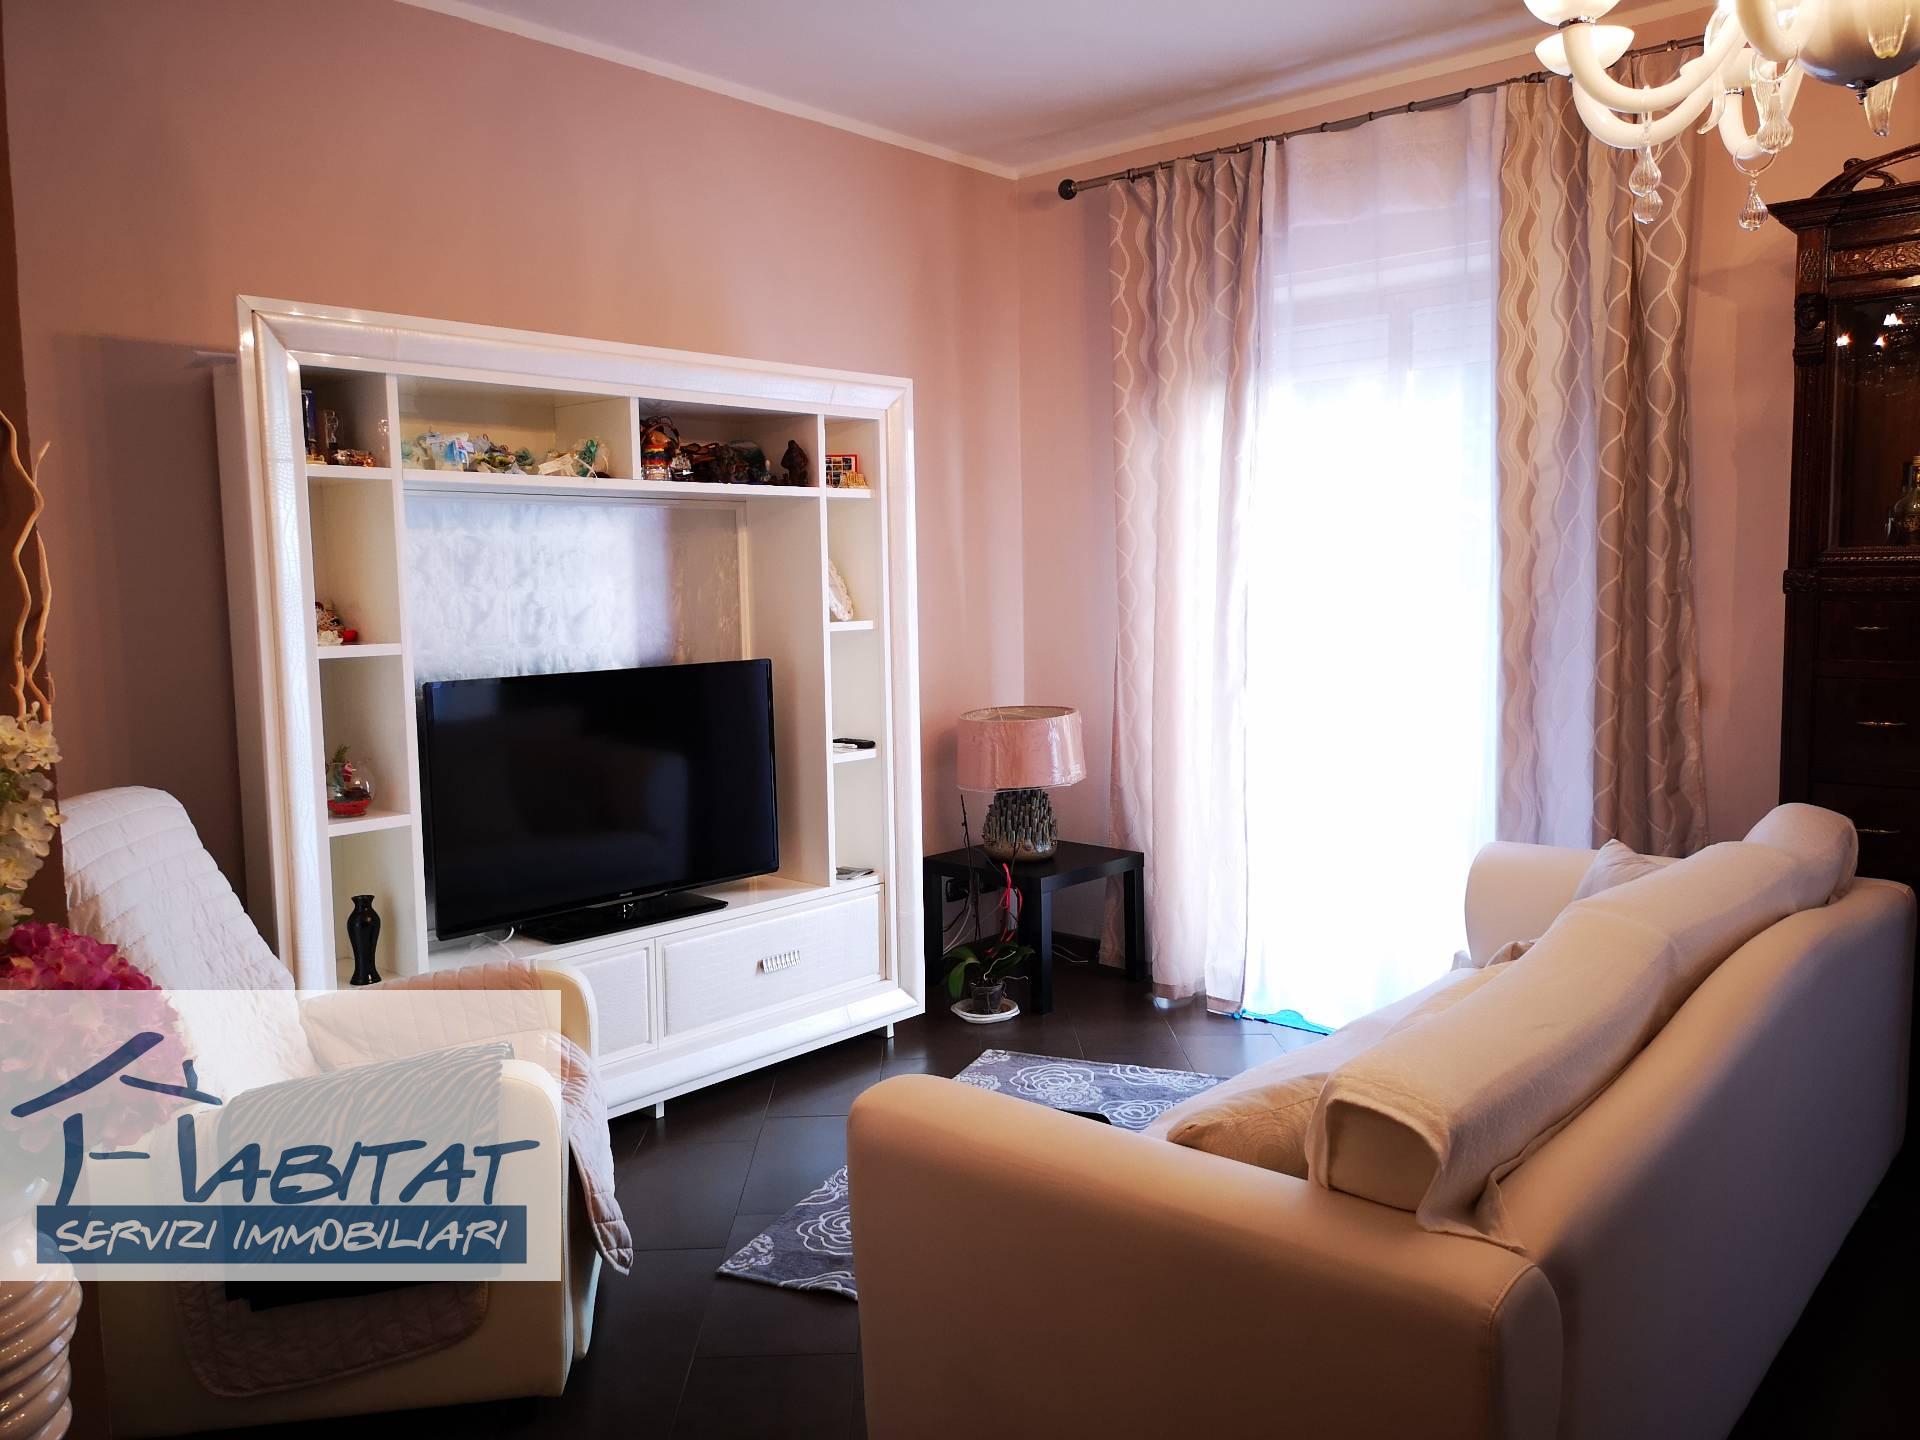 Appartamento in vendita a Agrigento, 5 locali, zona Zona: Fontanelle, prezzo € 115.000 | CambioCasa.it